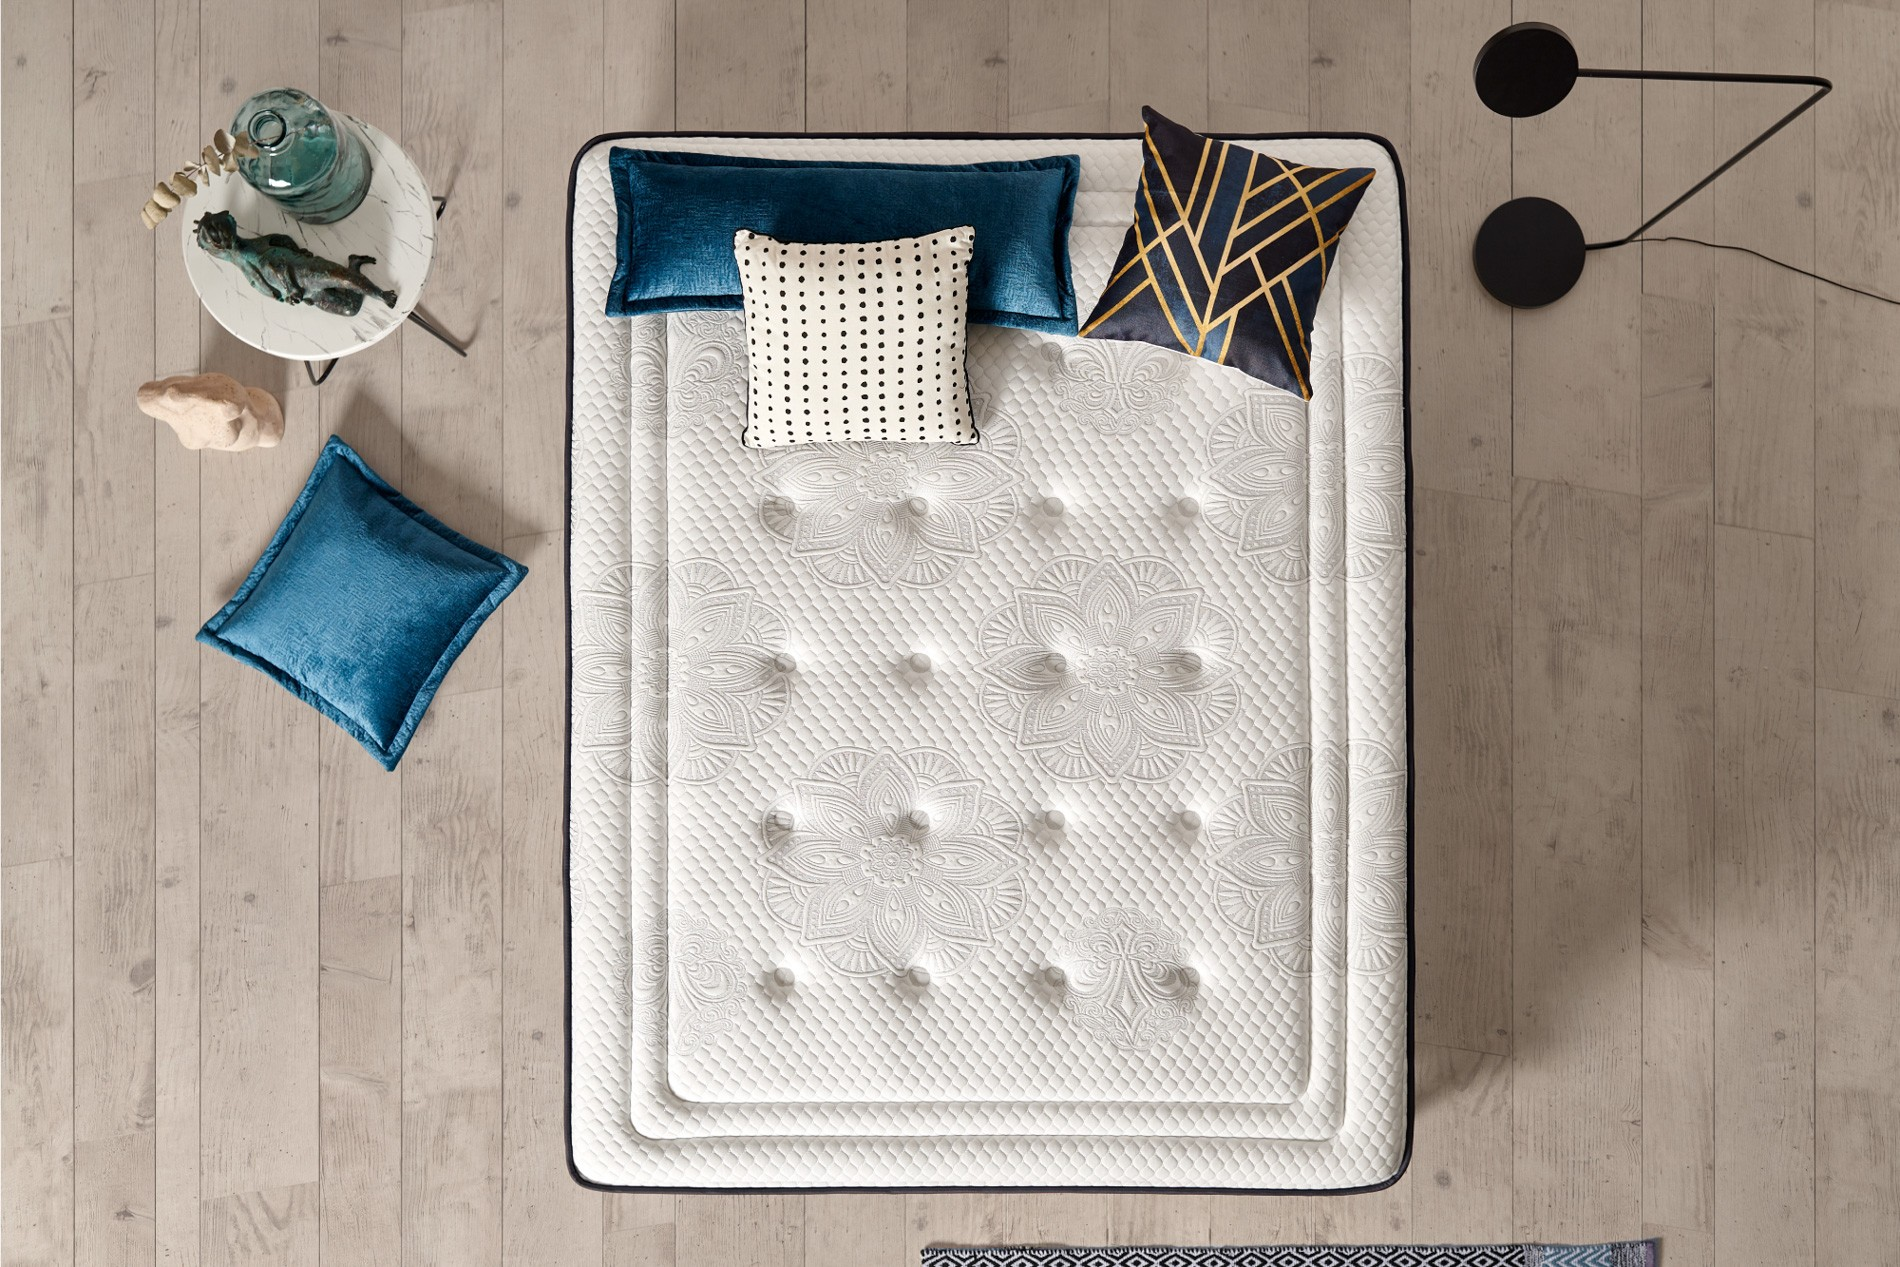 El montaje y acabado de cada Exclusive se realiza siempre de acuerdo con las normas de fabricación de ropa de cama de alta gama.